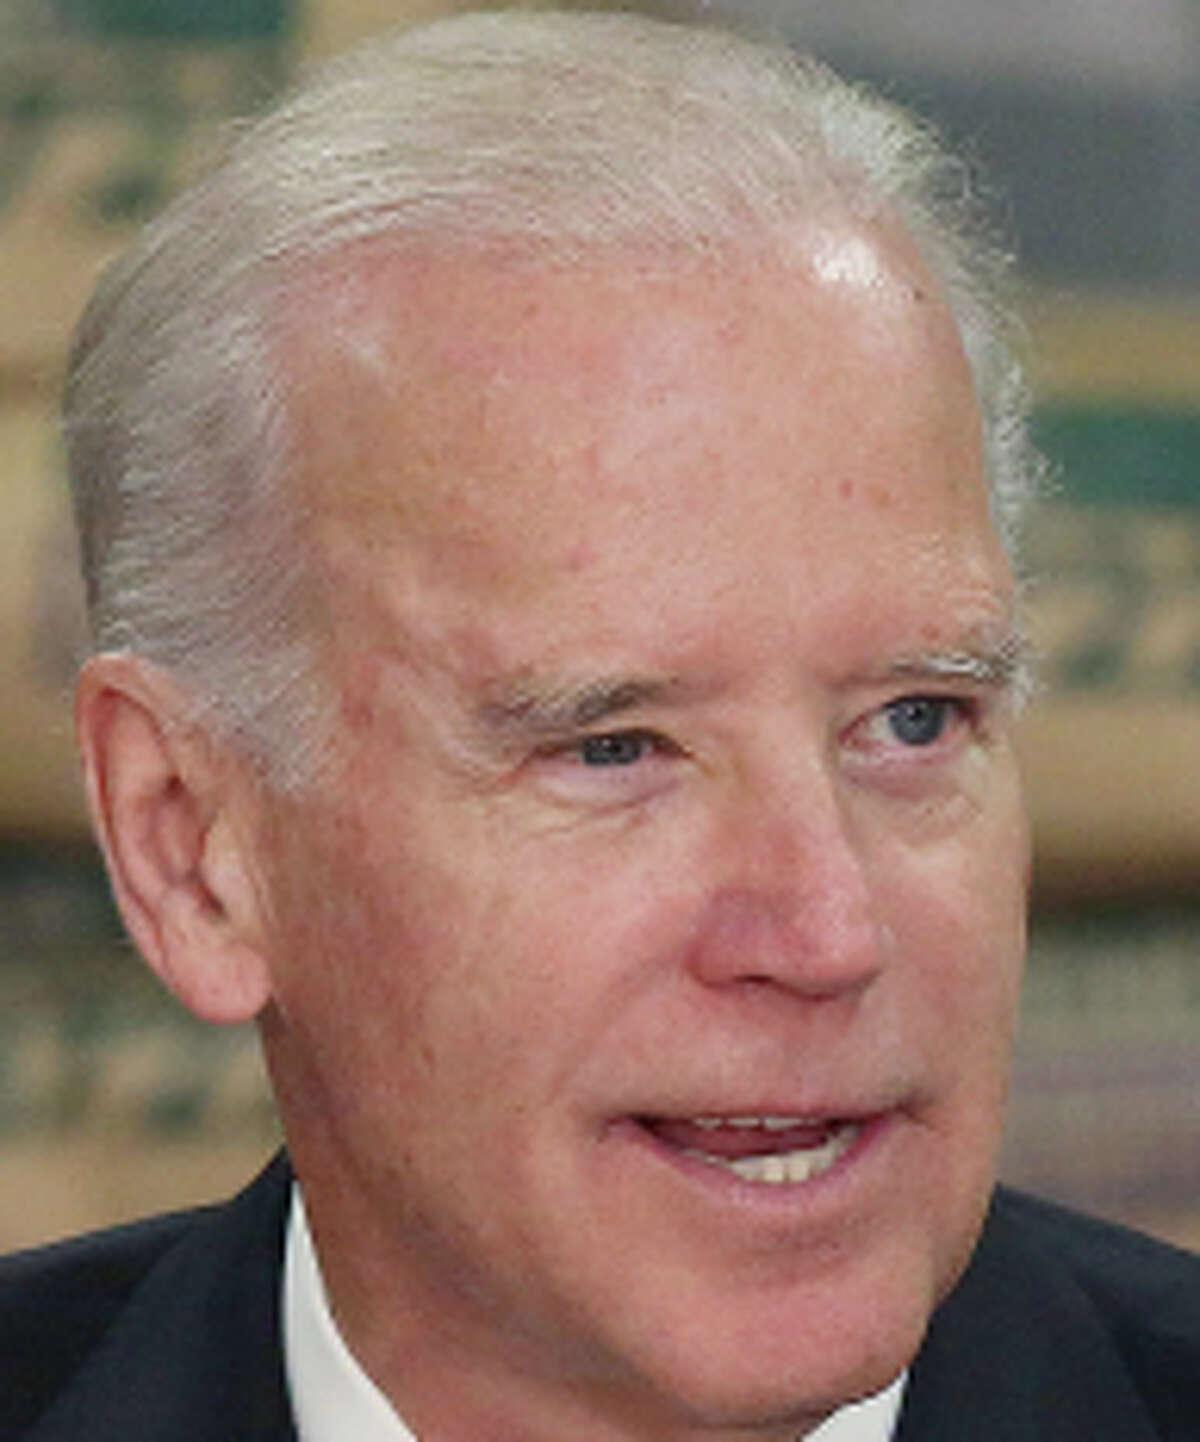 Vice President Joe Biden had to apologize to a trio of key U.S. allies.